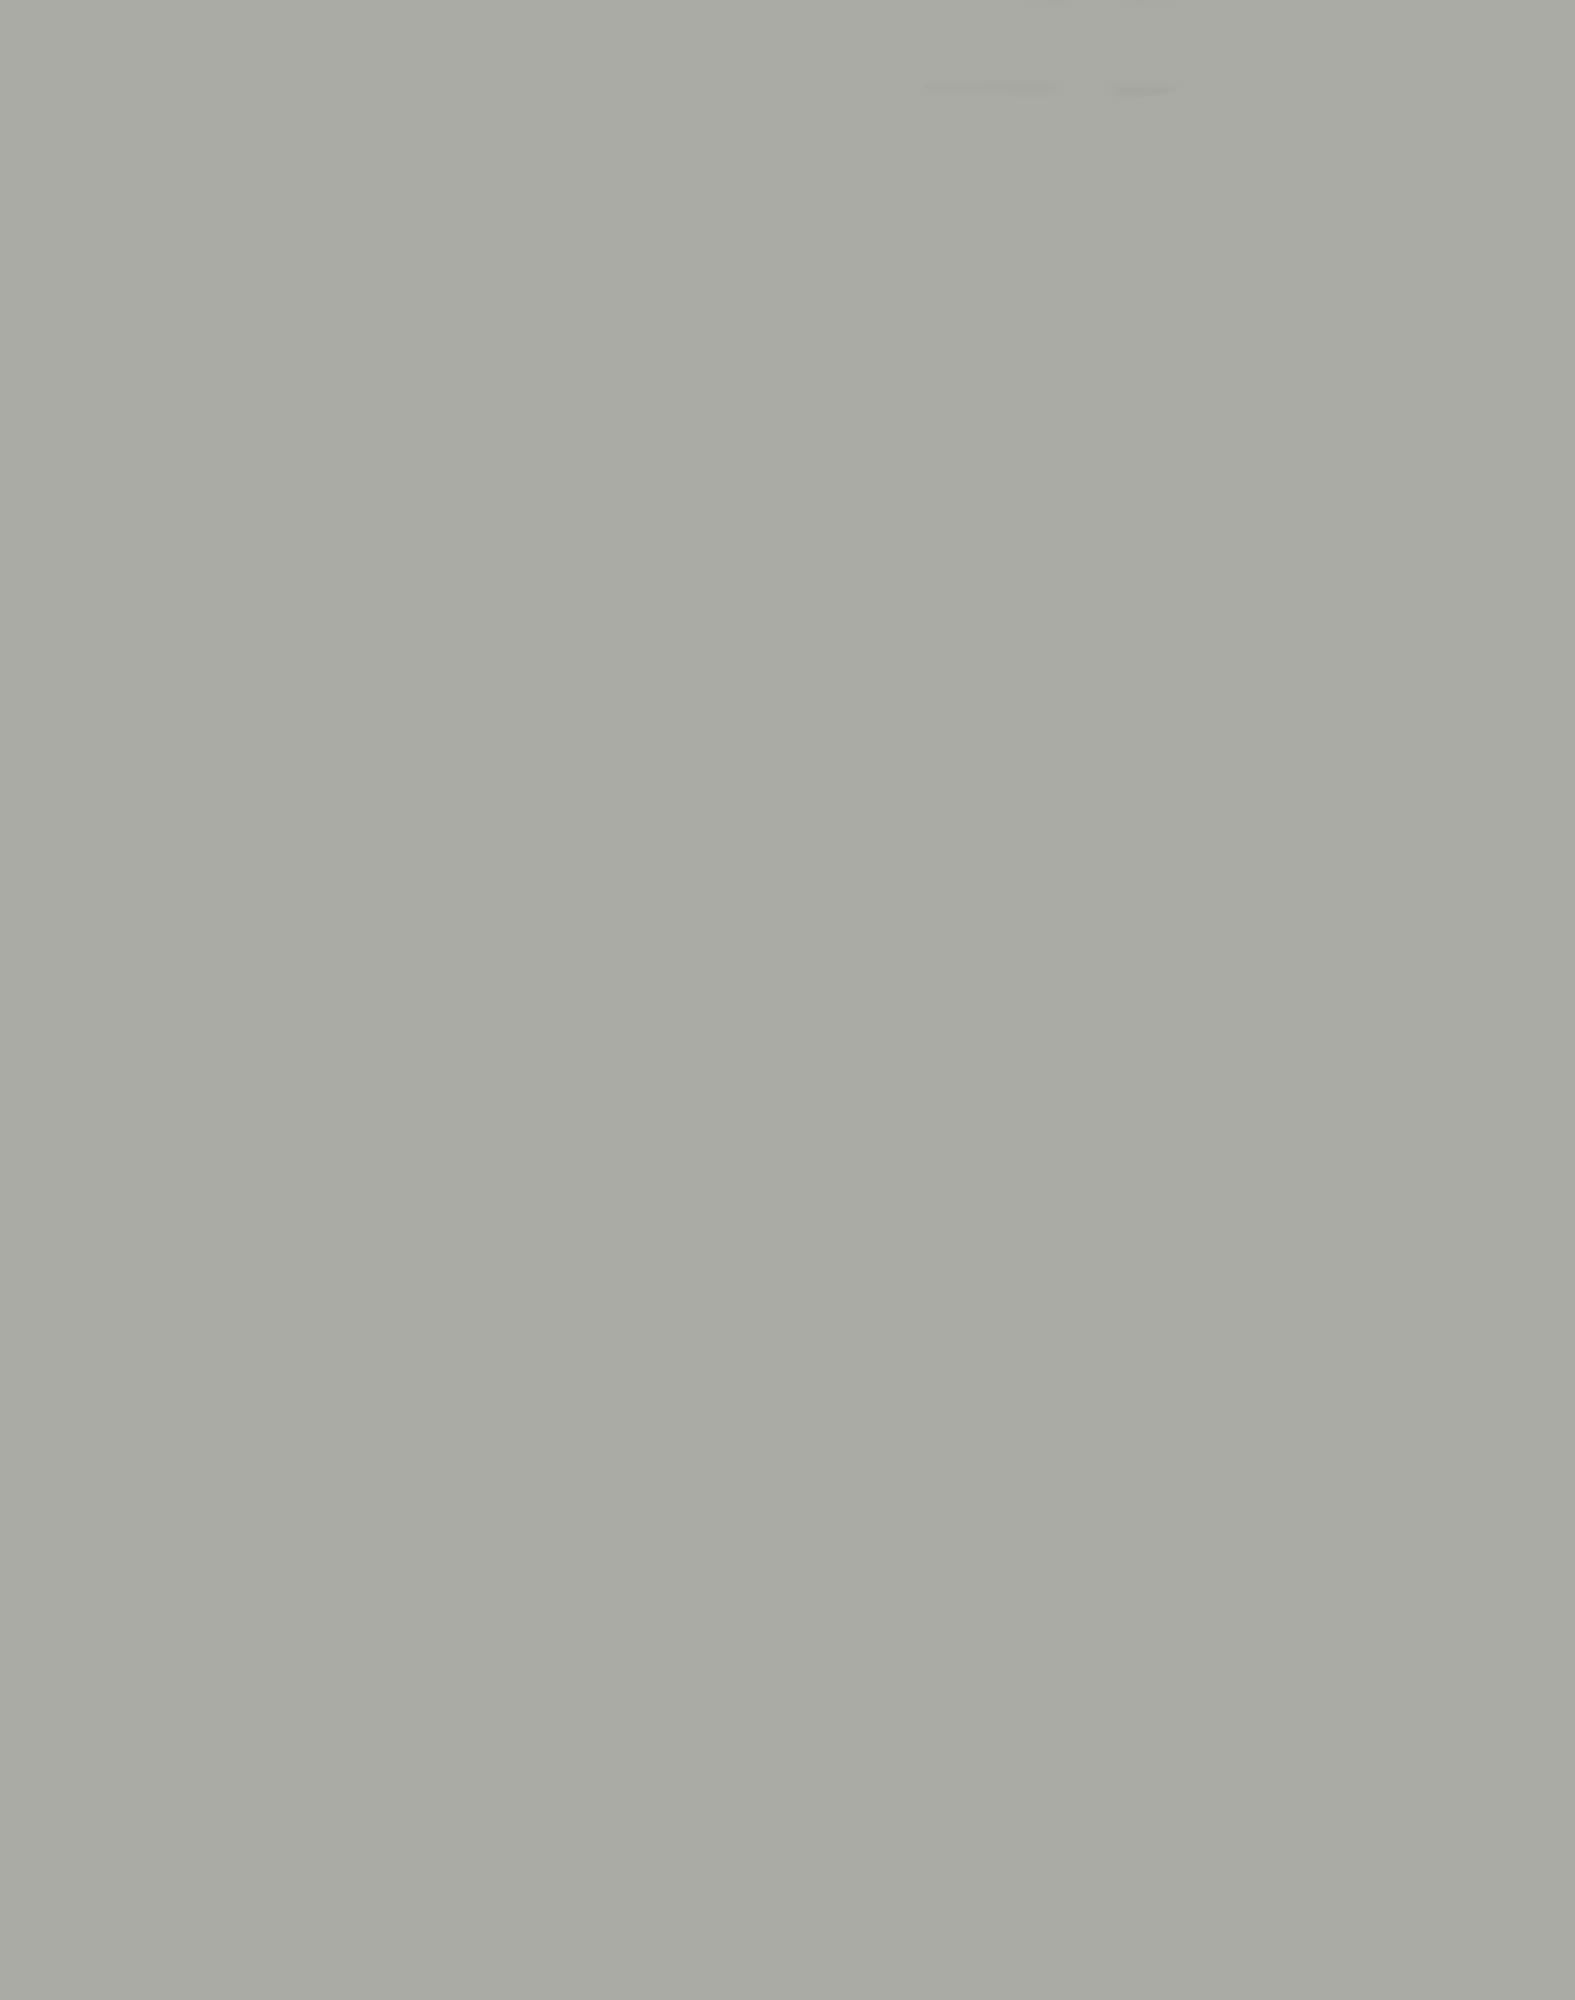 Ashford Grey 171,171,165